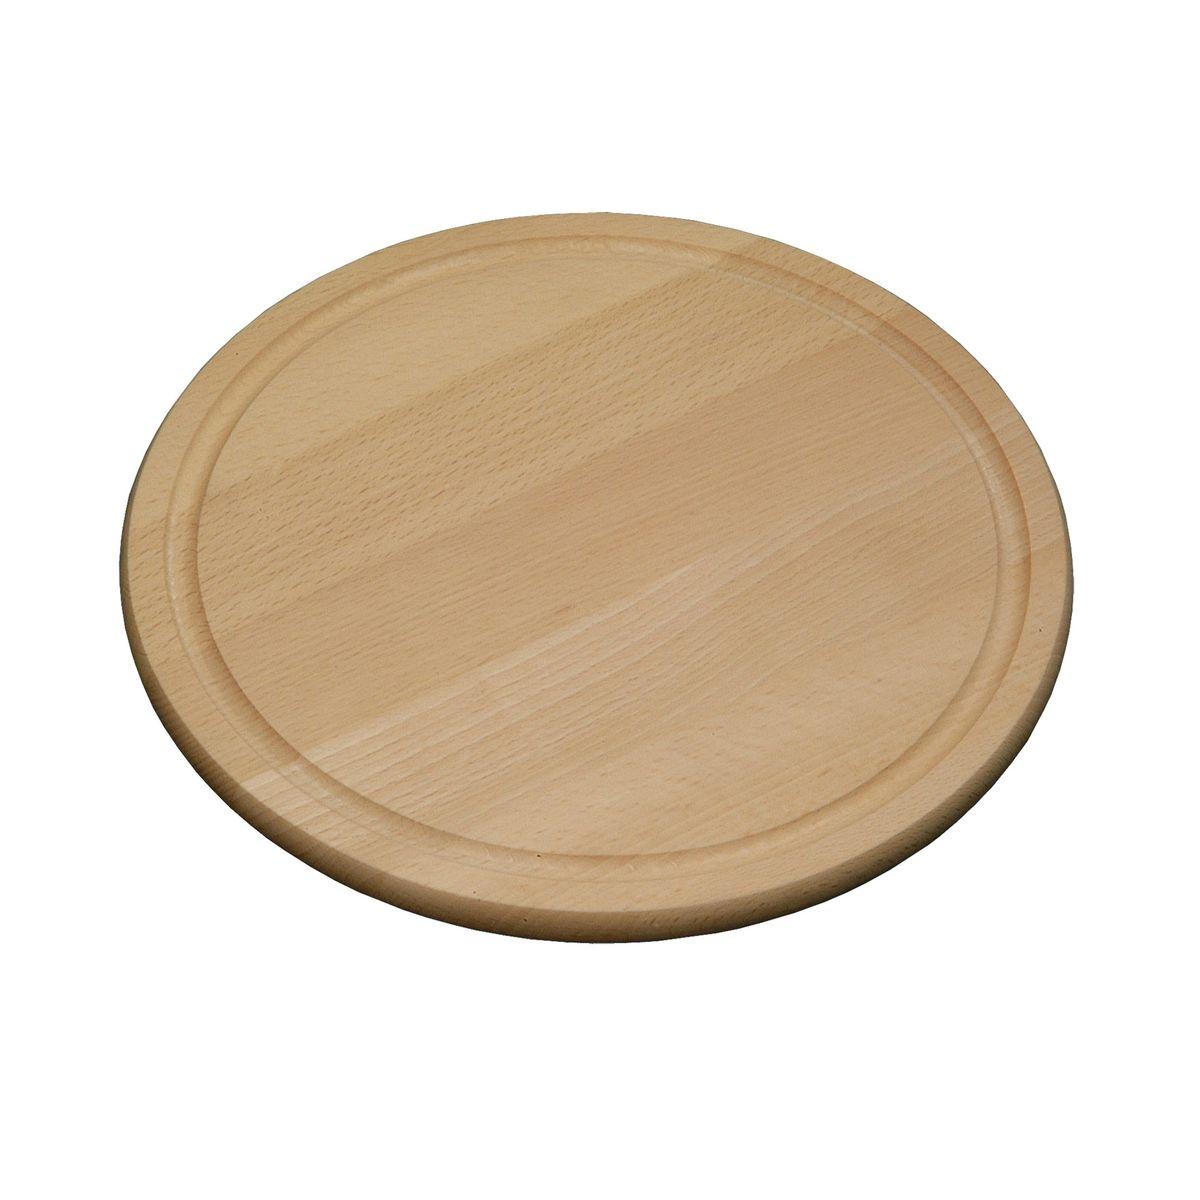 Доска подстановочная круглая, дерево d 25 см6844-2Доска разделочная изготовлена из дерева. Прекрасно подходит для приготовления и сервировки пищи. Всем известно, что на кухне без разделочной доски не обойтись! Ведь во время приготовления пищи мы то и дело что-то режем. Поэтому разделочная доска должна быть изготовлена из прочного и экологически чистого материала, ведь с ней соприкасается наша пища. Толщина -1,5 см, высота бортика -0,5 см, внутренний диаметр - 20 см